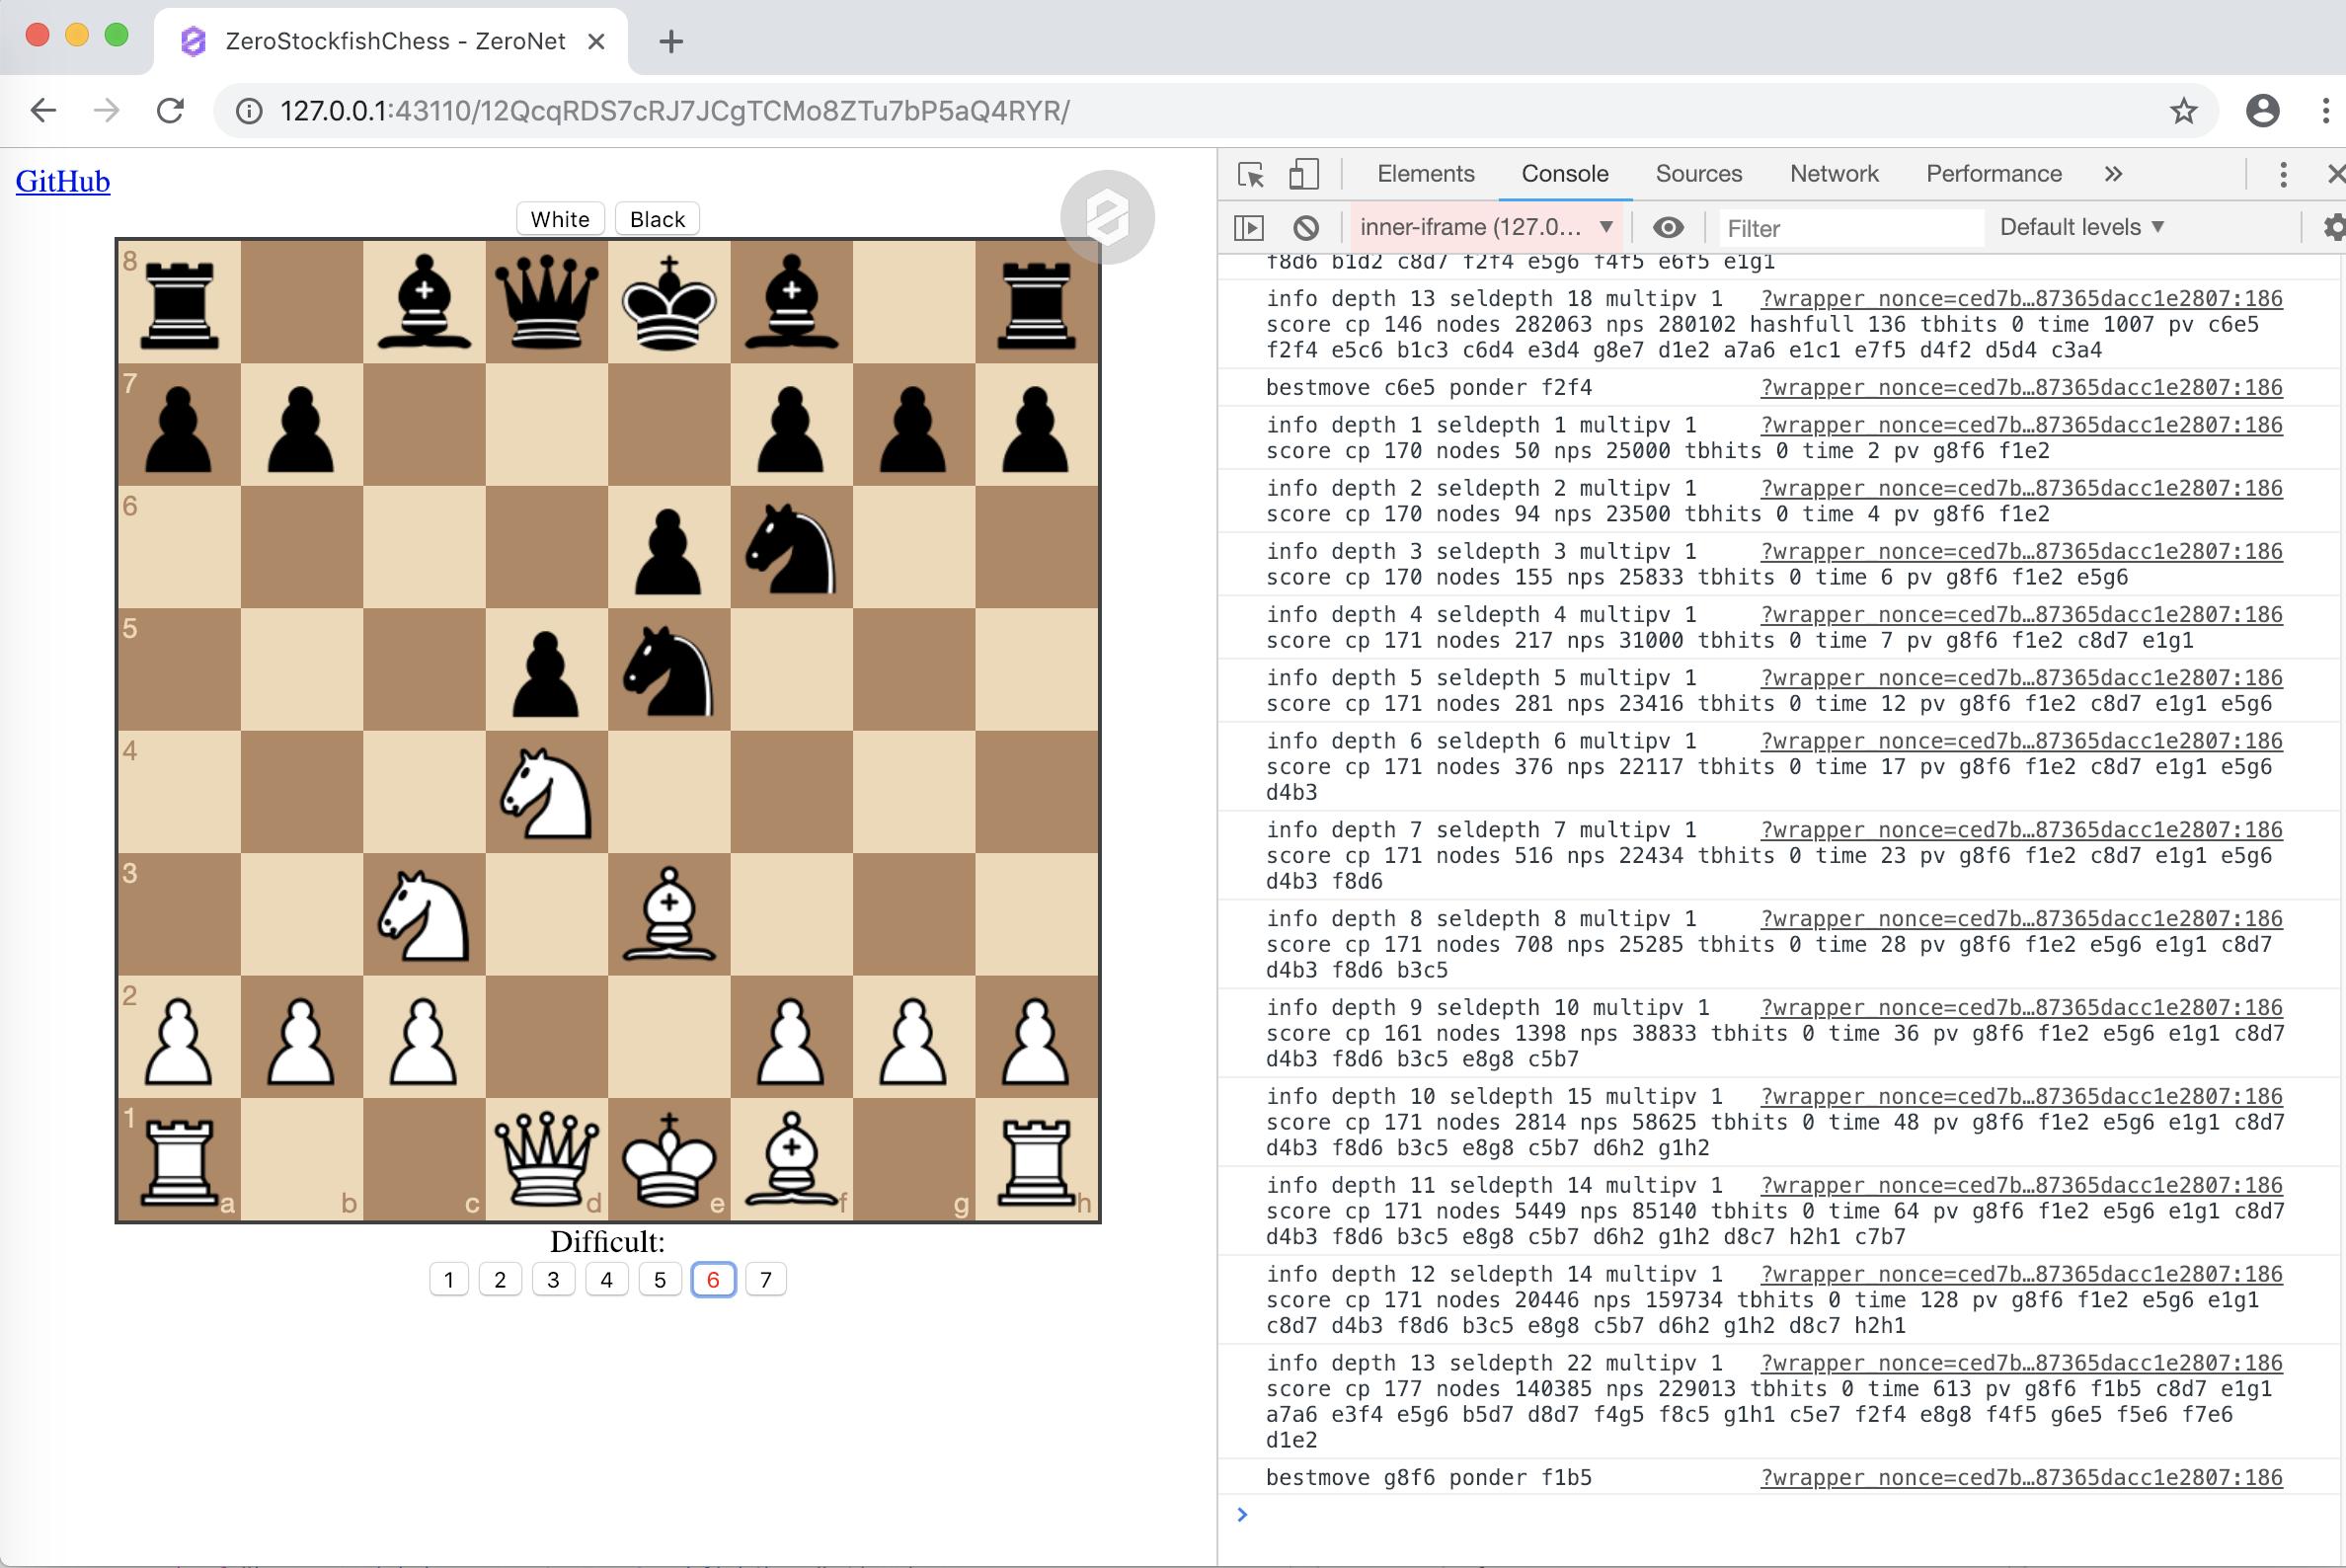 GitHub - vtr0n/ZeroStockfishChess: Chess game in Zeronet using